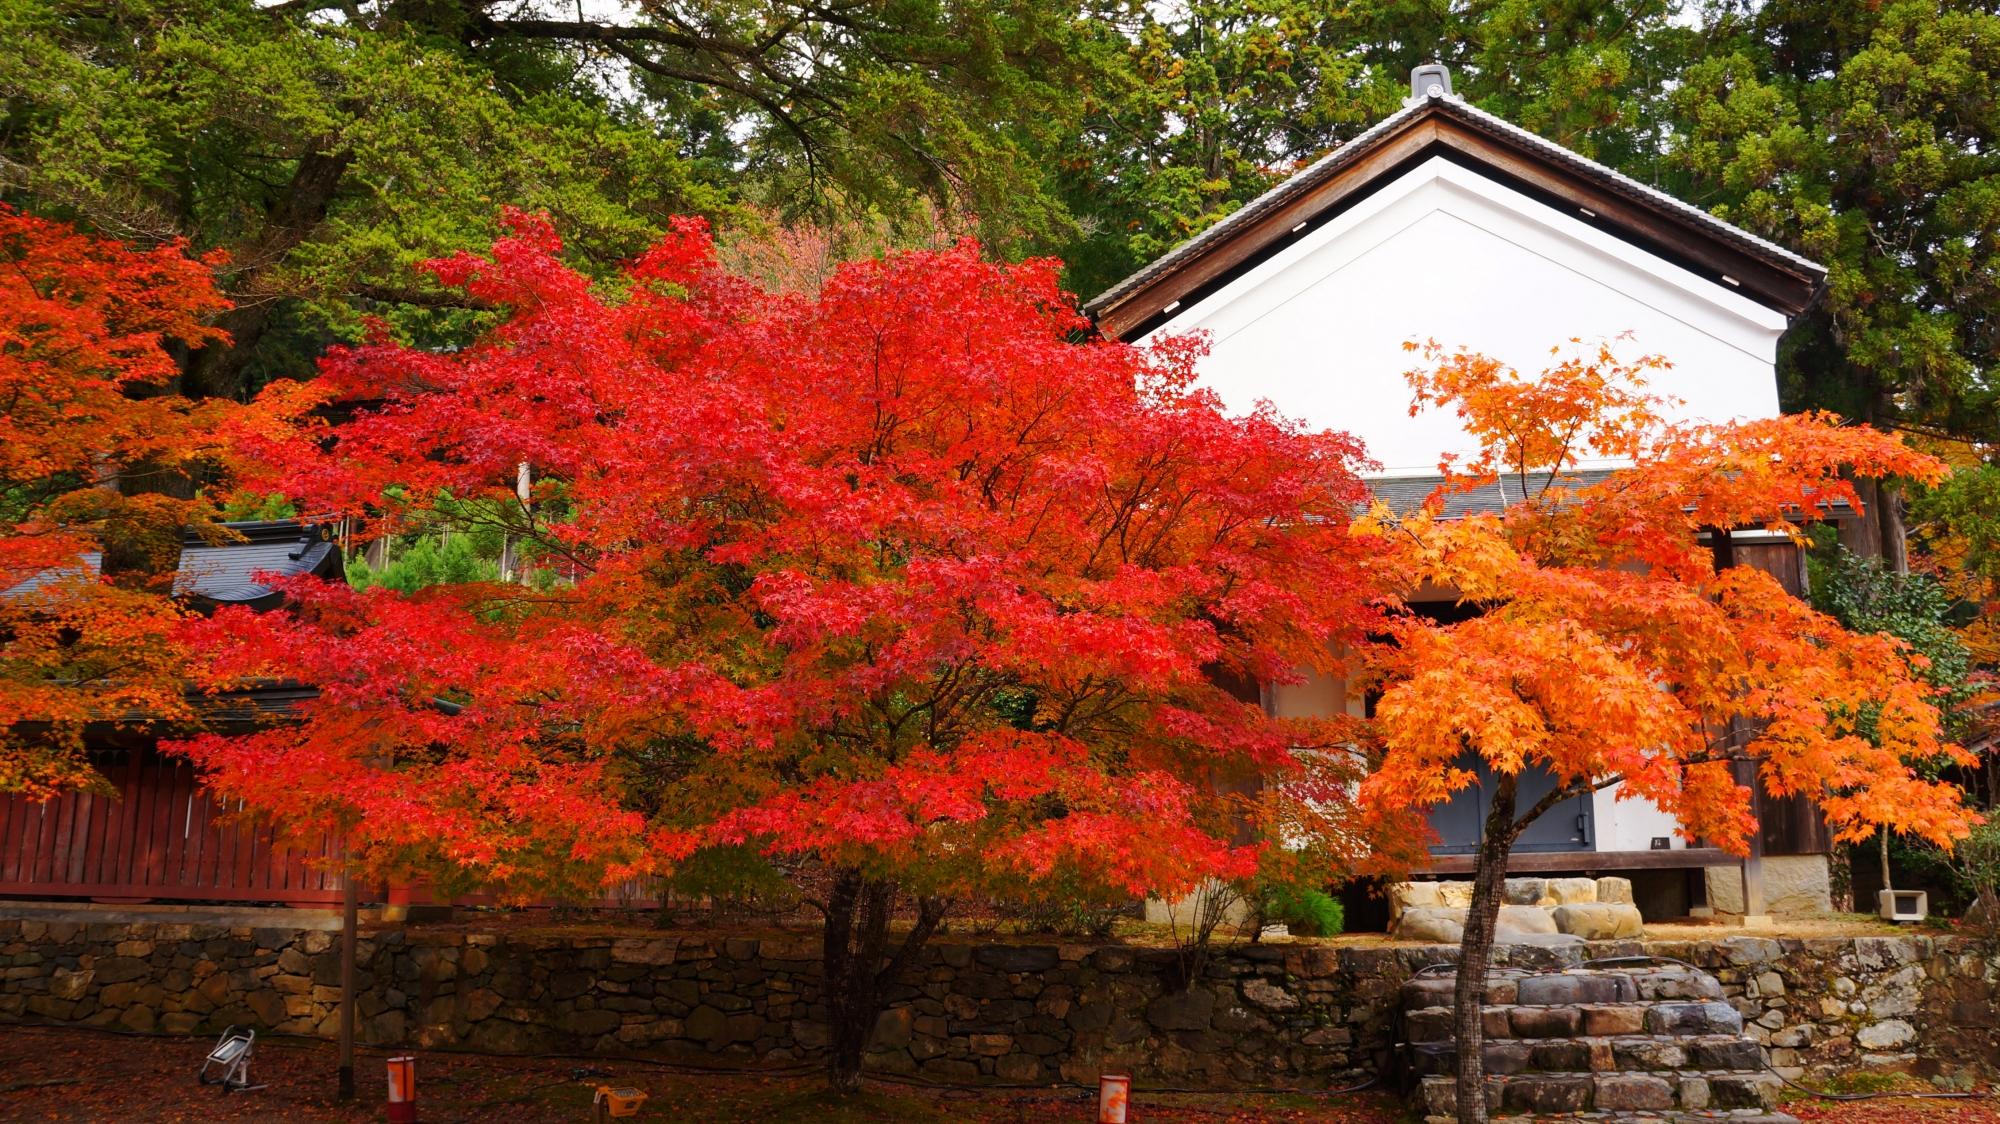 赤やオレンジなどの色とりどりの紅葉で溢れる神護寺